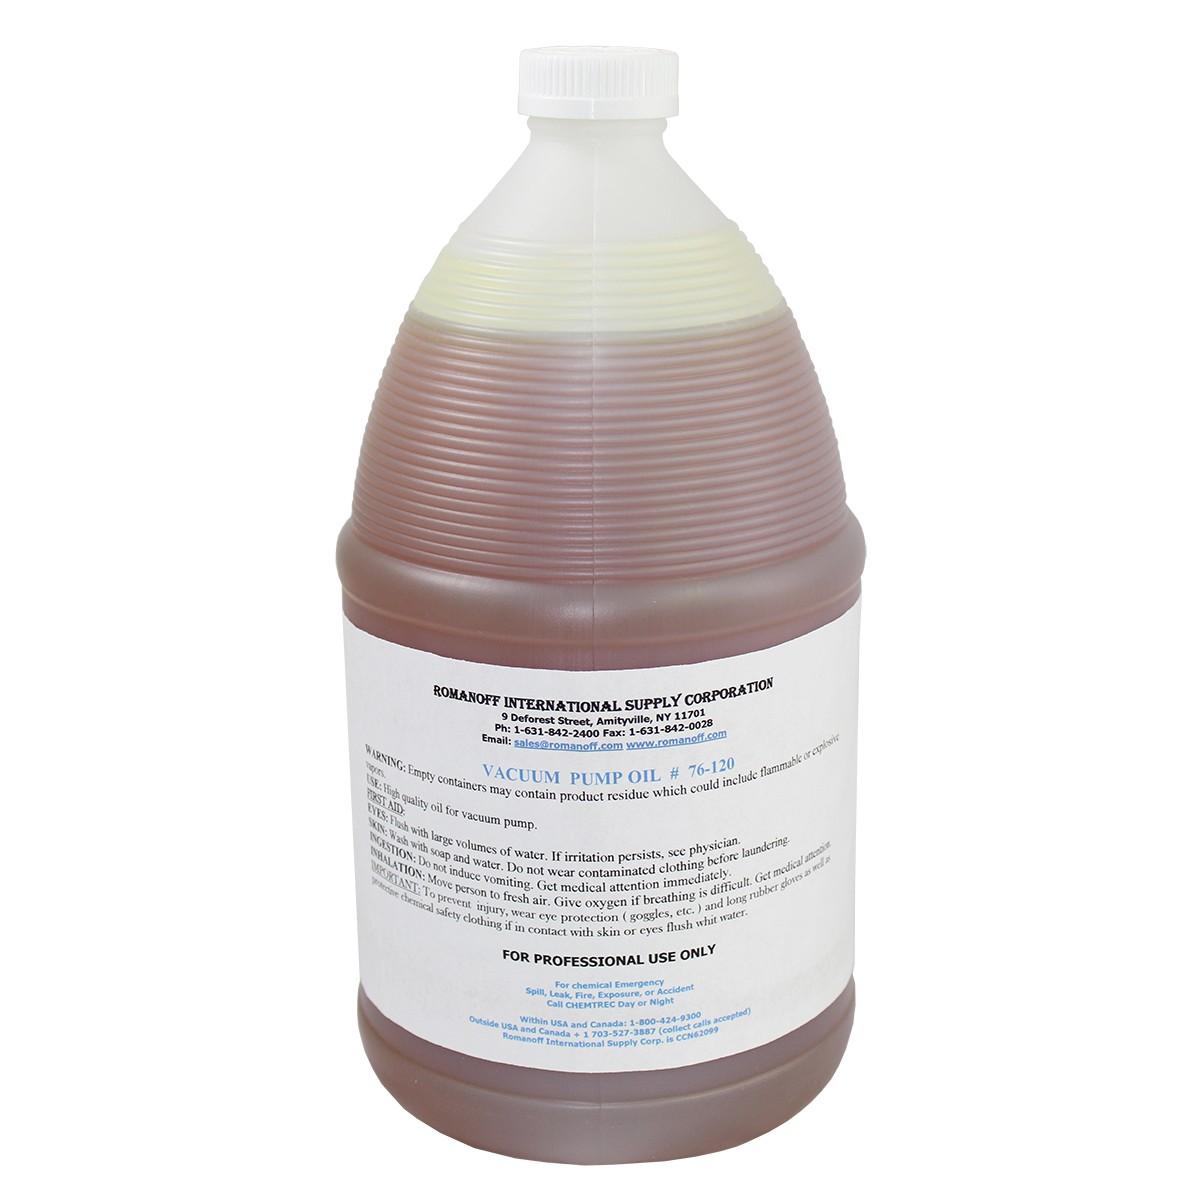 Vacuum Pump Oil - 1 Gallon